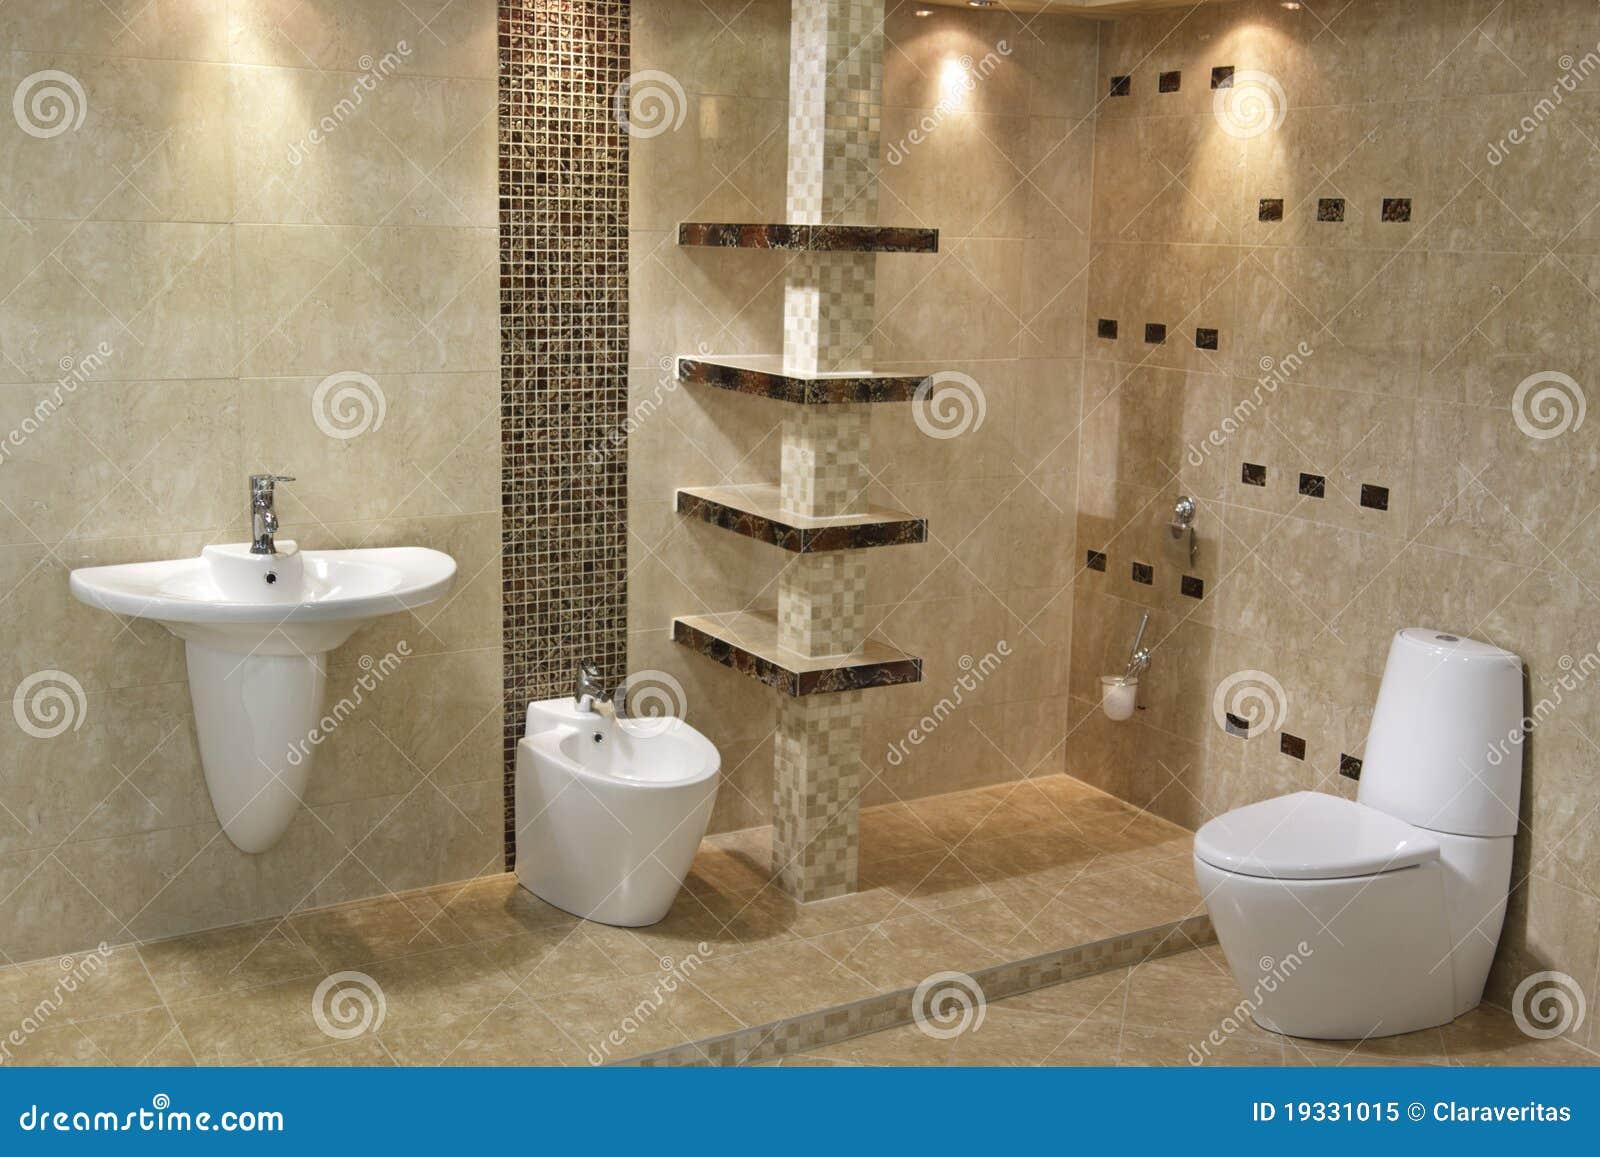 Interior minimalista del cuarto de ba o foto de archivo - Banos con estilo moderno ...